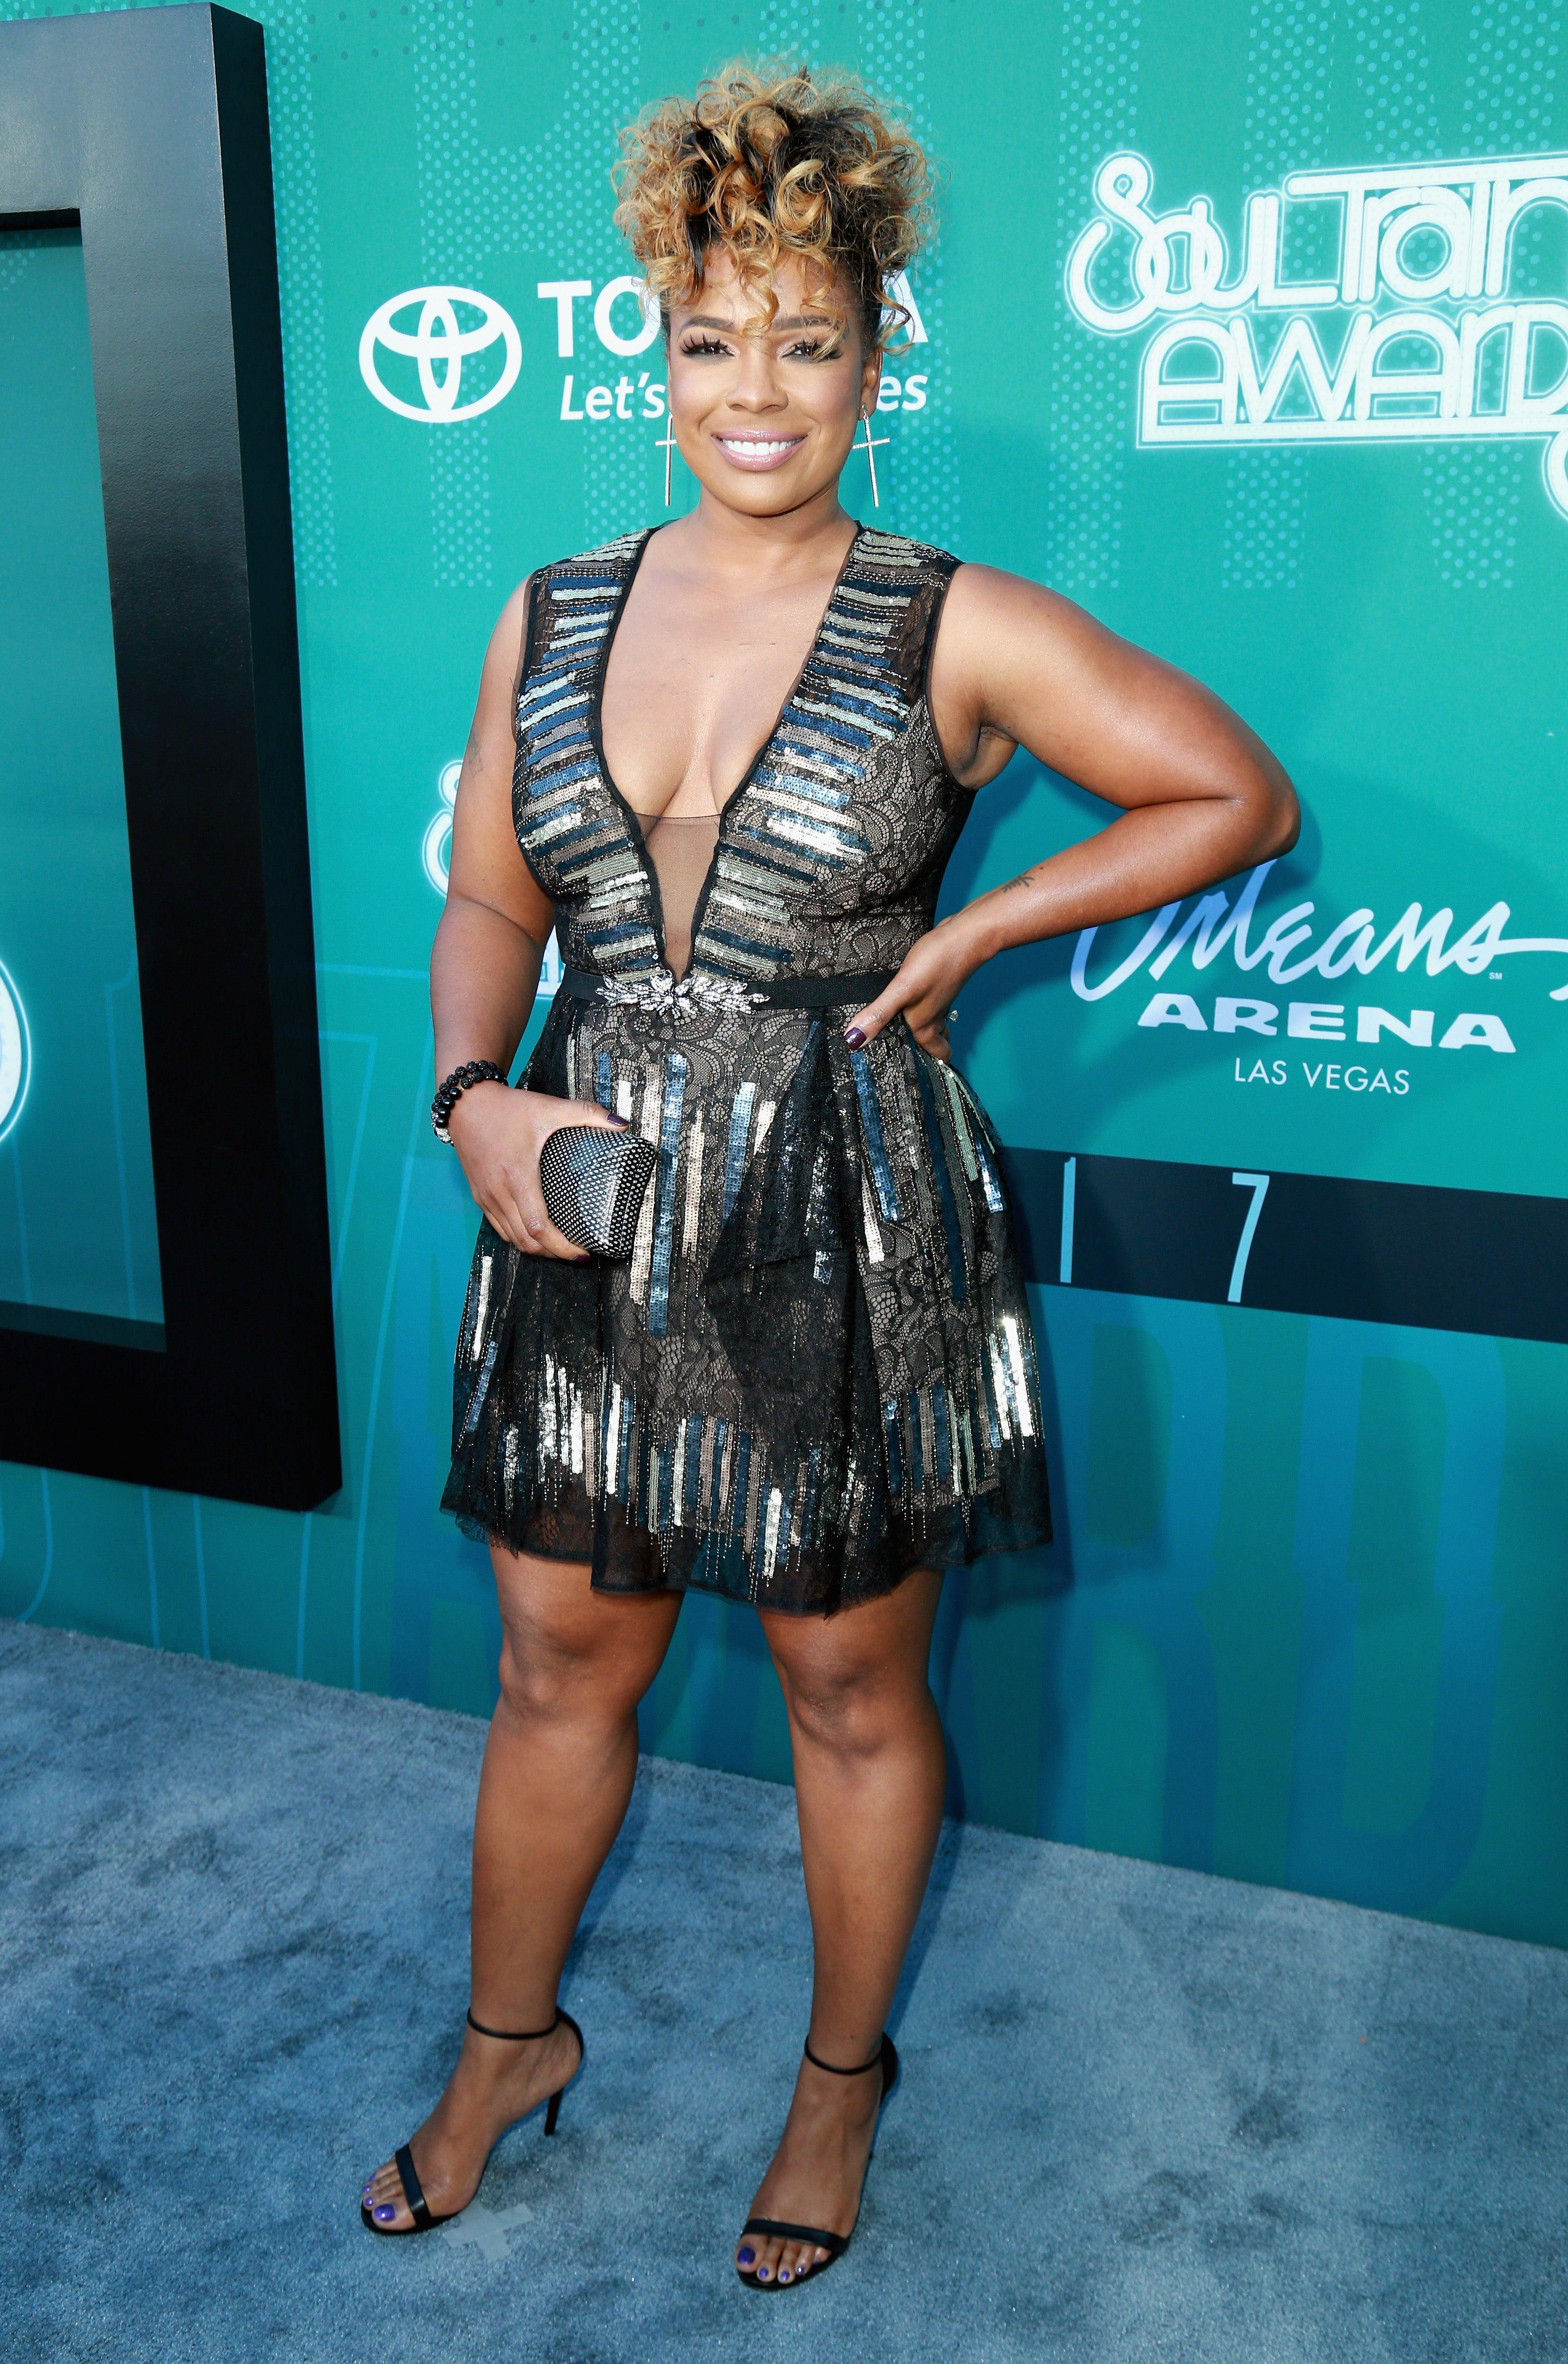 Cleavage Alicia Keys nudes (82 photo), Sideboobs